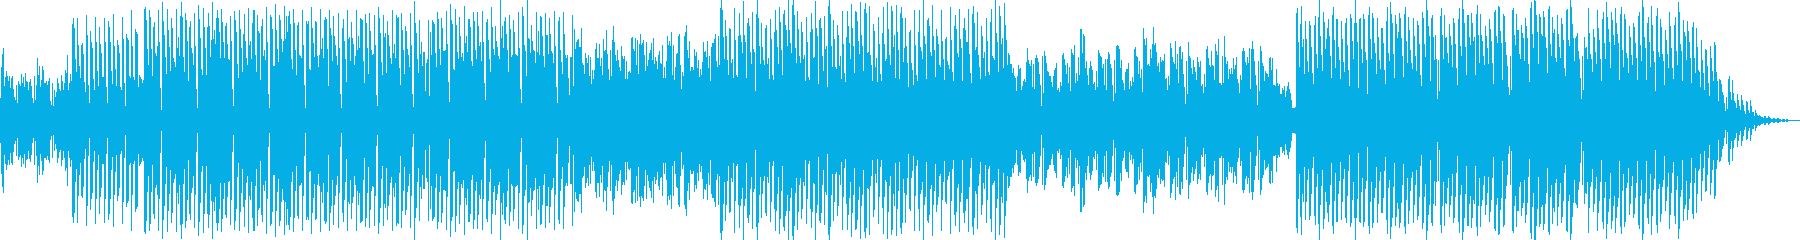 電子楽器。ファンキーでバウンシーな...の再生済みの波形